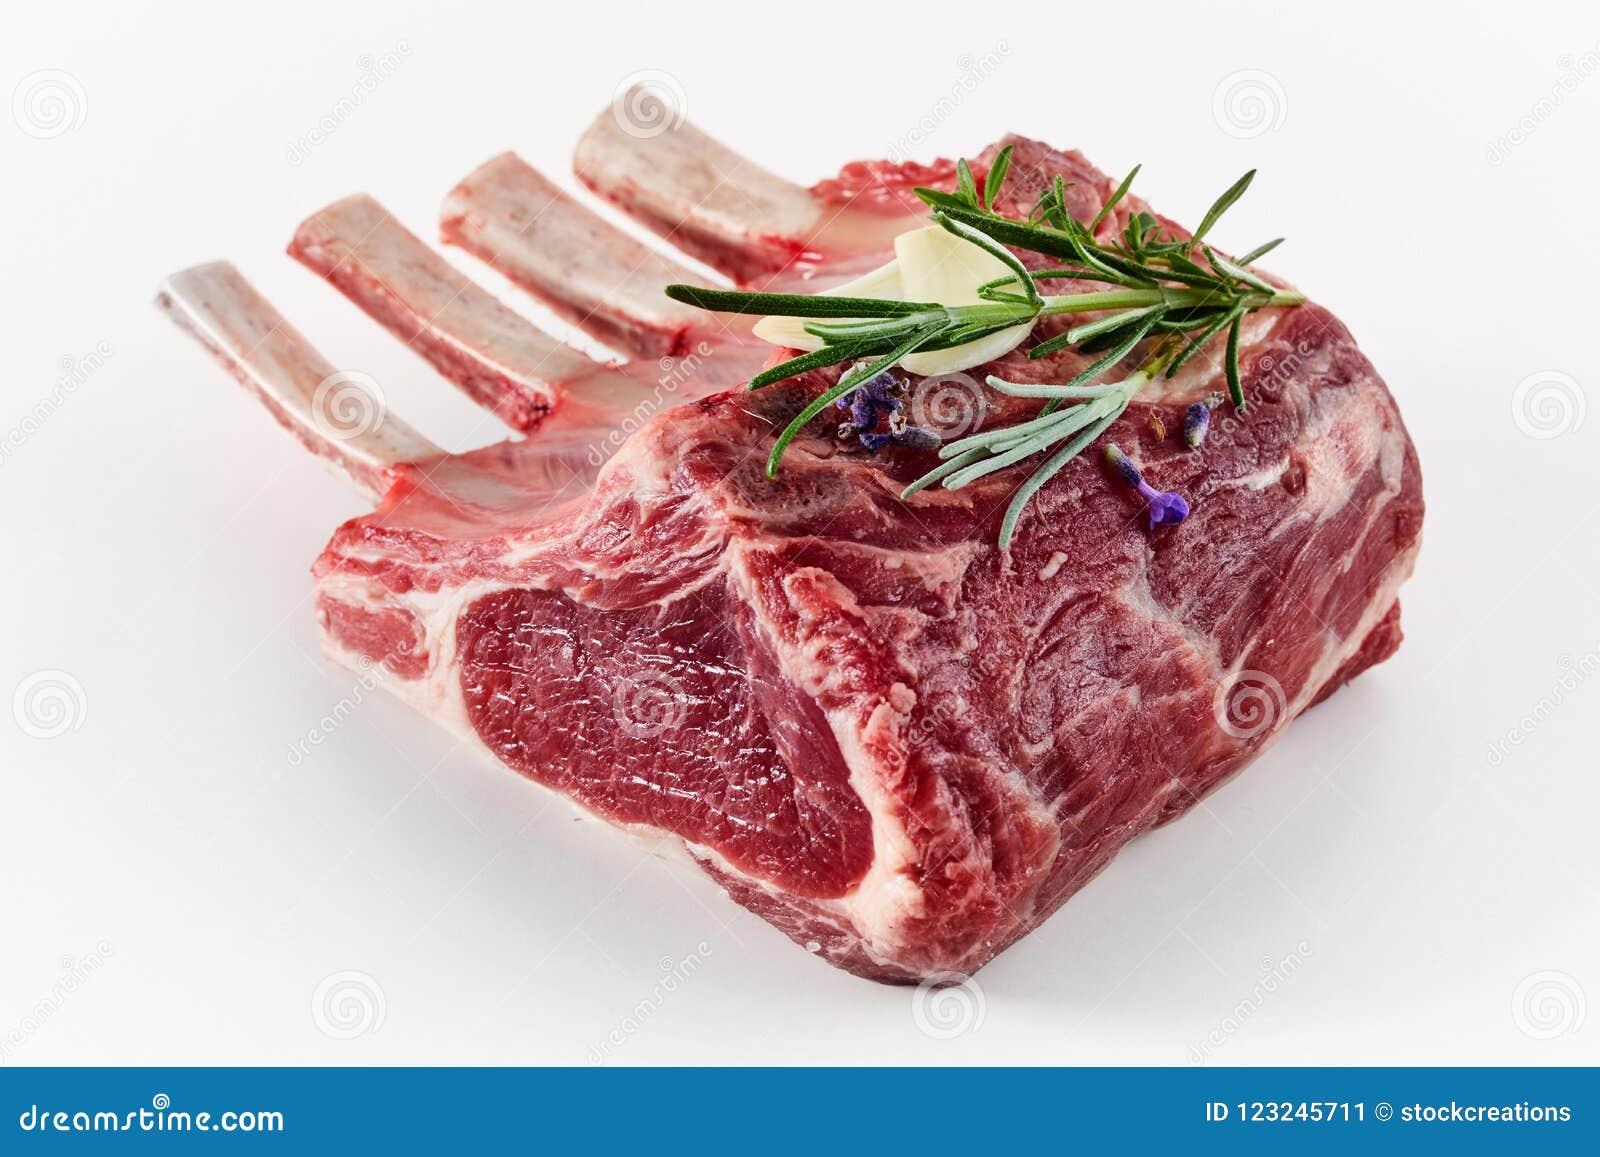 Enig gedeelterek van lam met bone-in karbonades